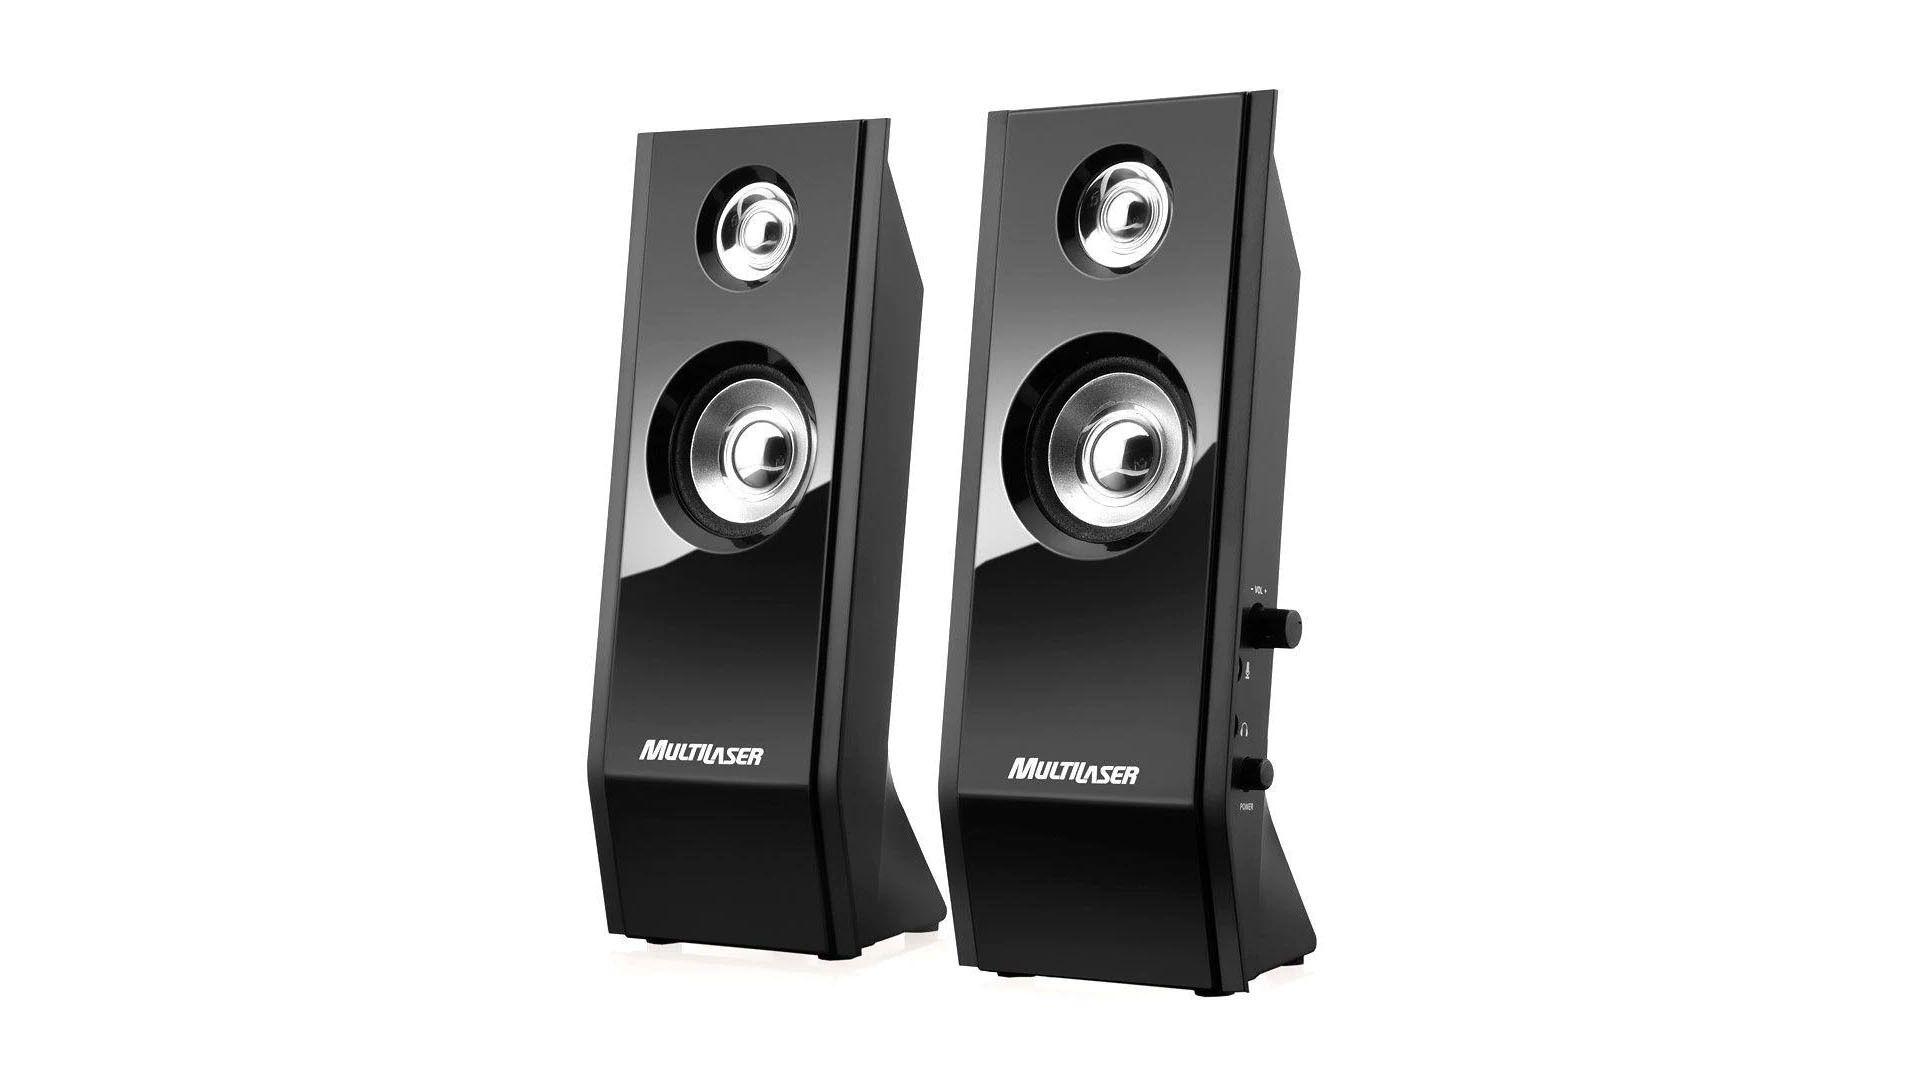 Multilaser promete áudio sem ruído ou distorções nessa caixa de som para PC (Divulgação / Multilaser)